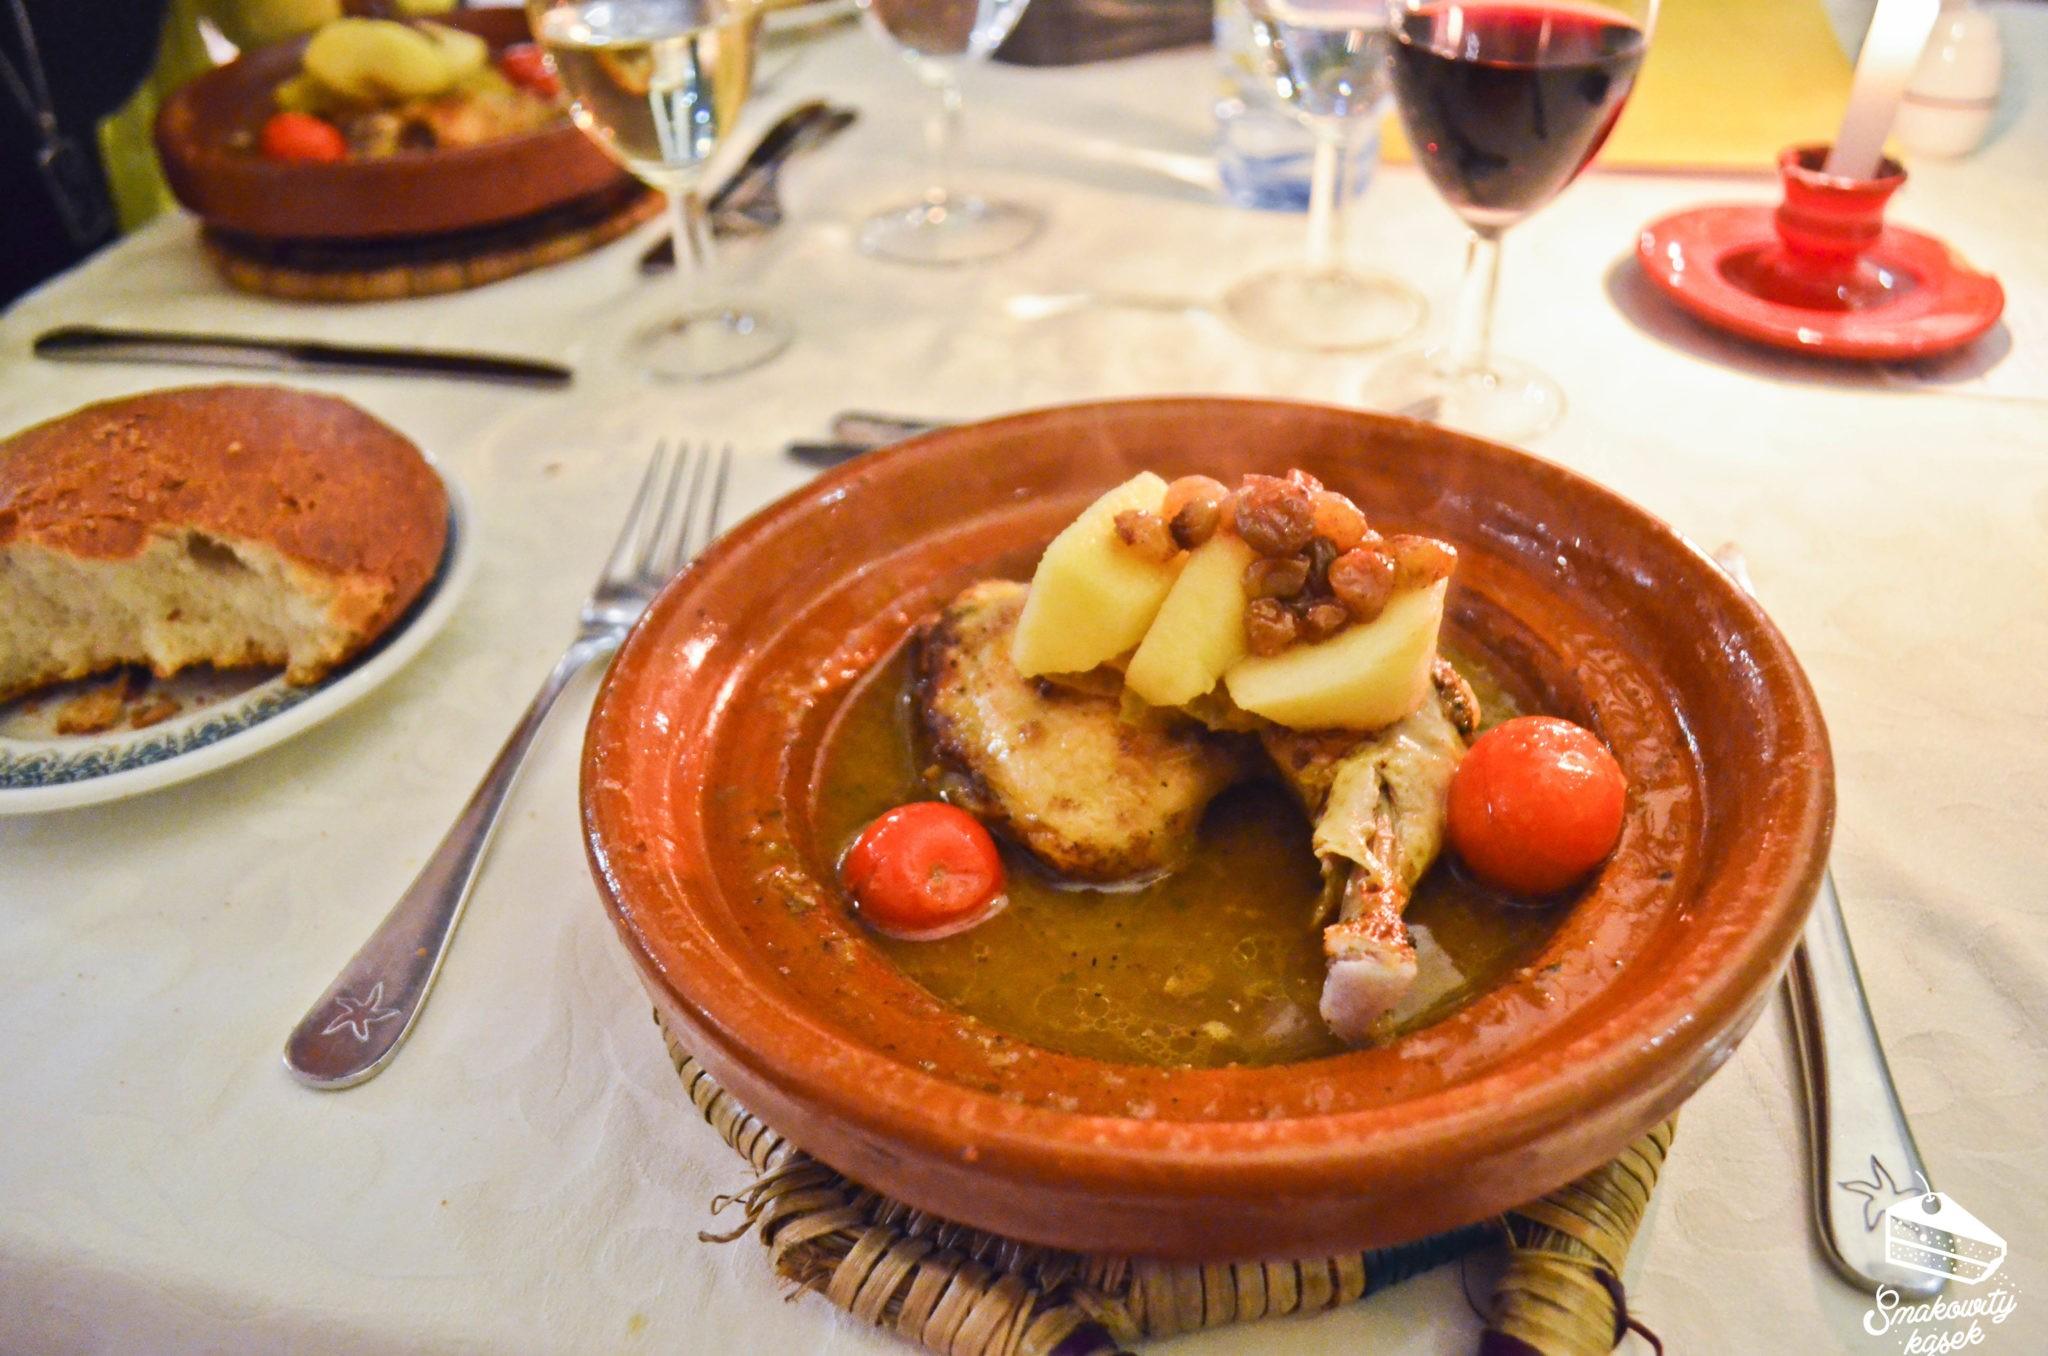 marokanskie jedzenie (1 of 1)-4